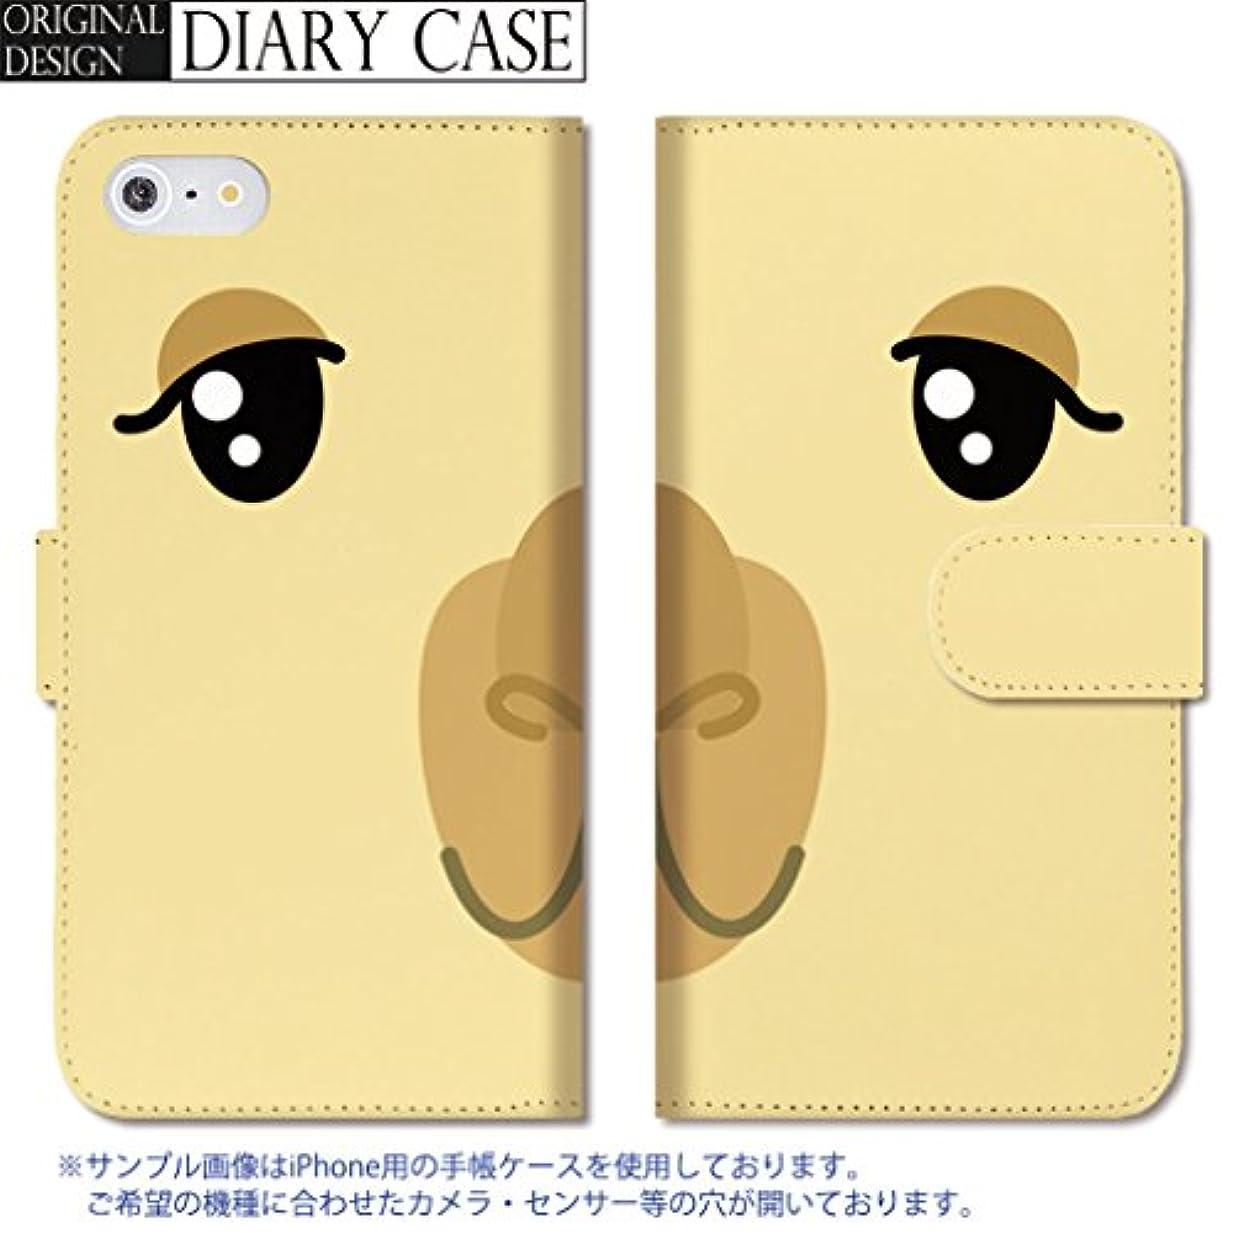 理解する不明瞭取り消す301-sanmaruichi- Galaxy S6 edge ケース Galaxy S6 edge カバー ギャラクシー S6 edge ケース 手帳型 おしゃれ アニマル 豚 トド カメレオン なまけもの きりん カバ サル 羊 カモノハシ ラクダ コアラ アリクイ 牛 パンダ B 手帳ケース SUMSUNG